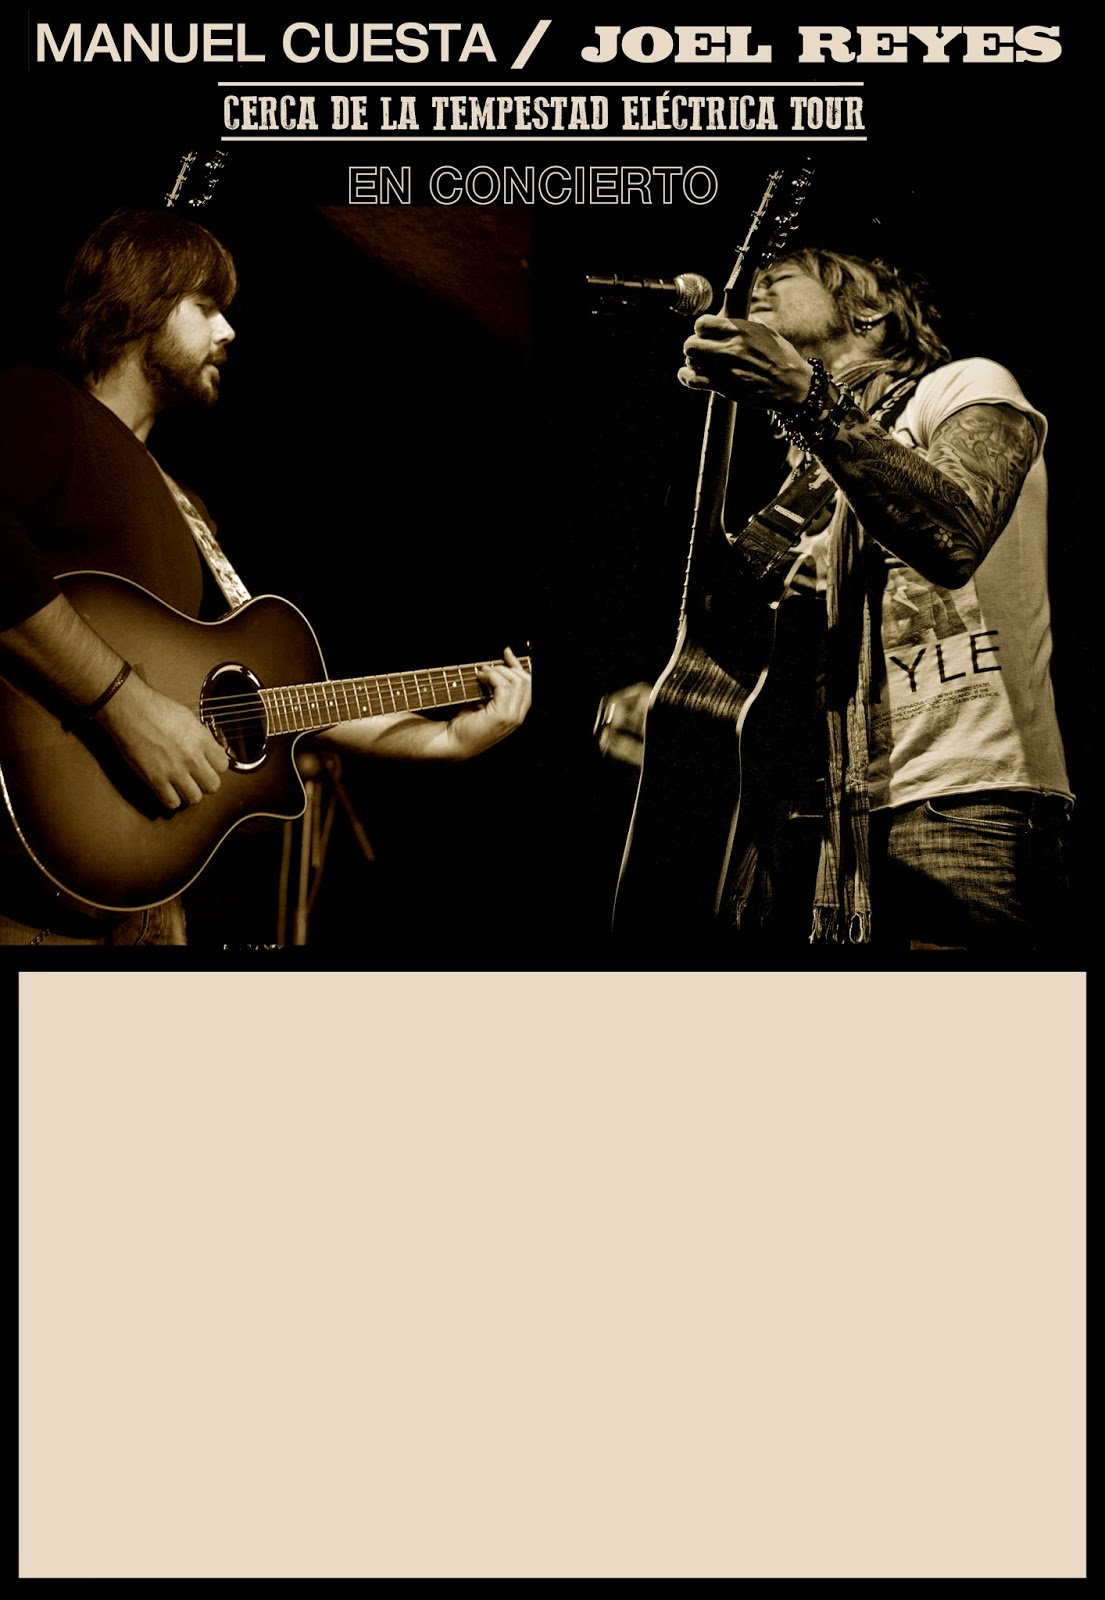 Joel Reyes y Manuel Cuesta zgz conciertos